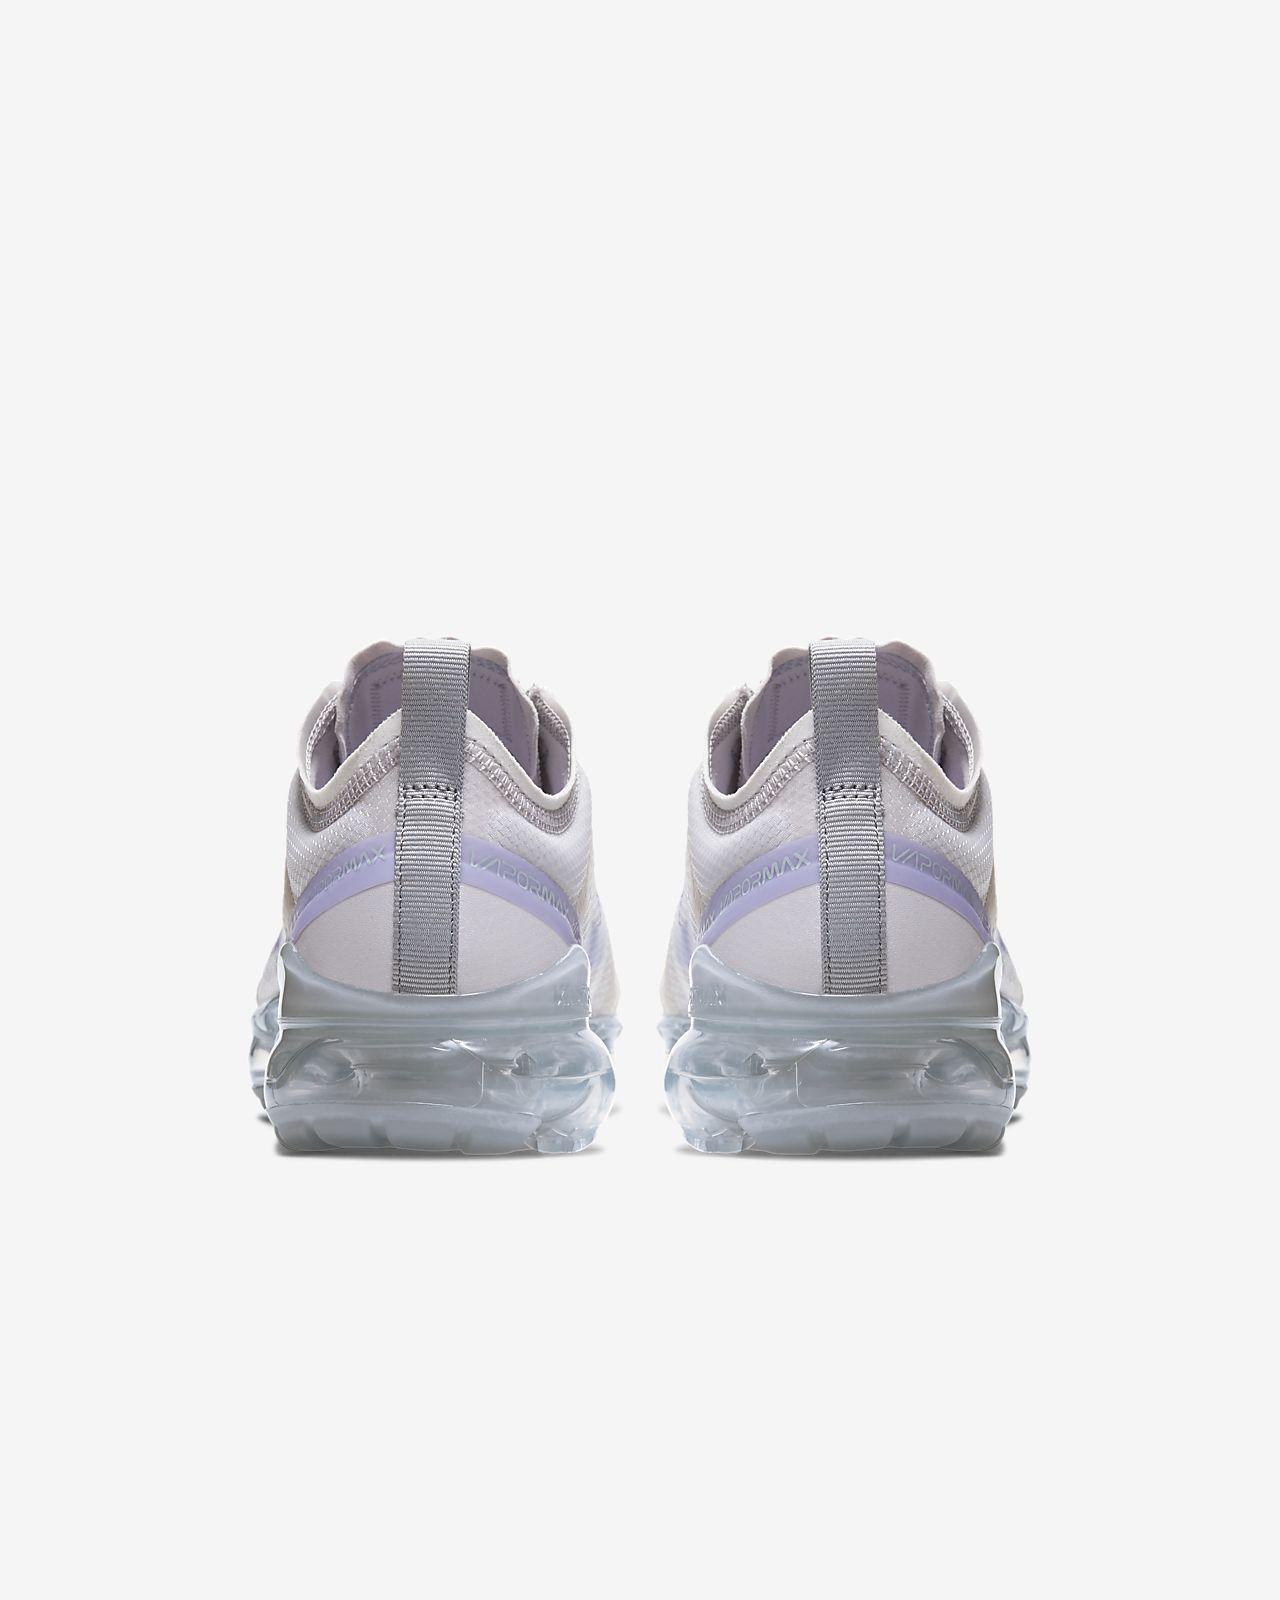 nike air vapormax 2019 gris